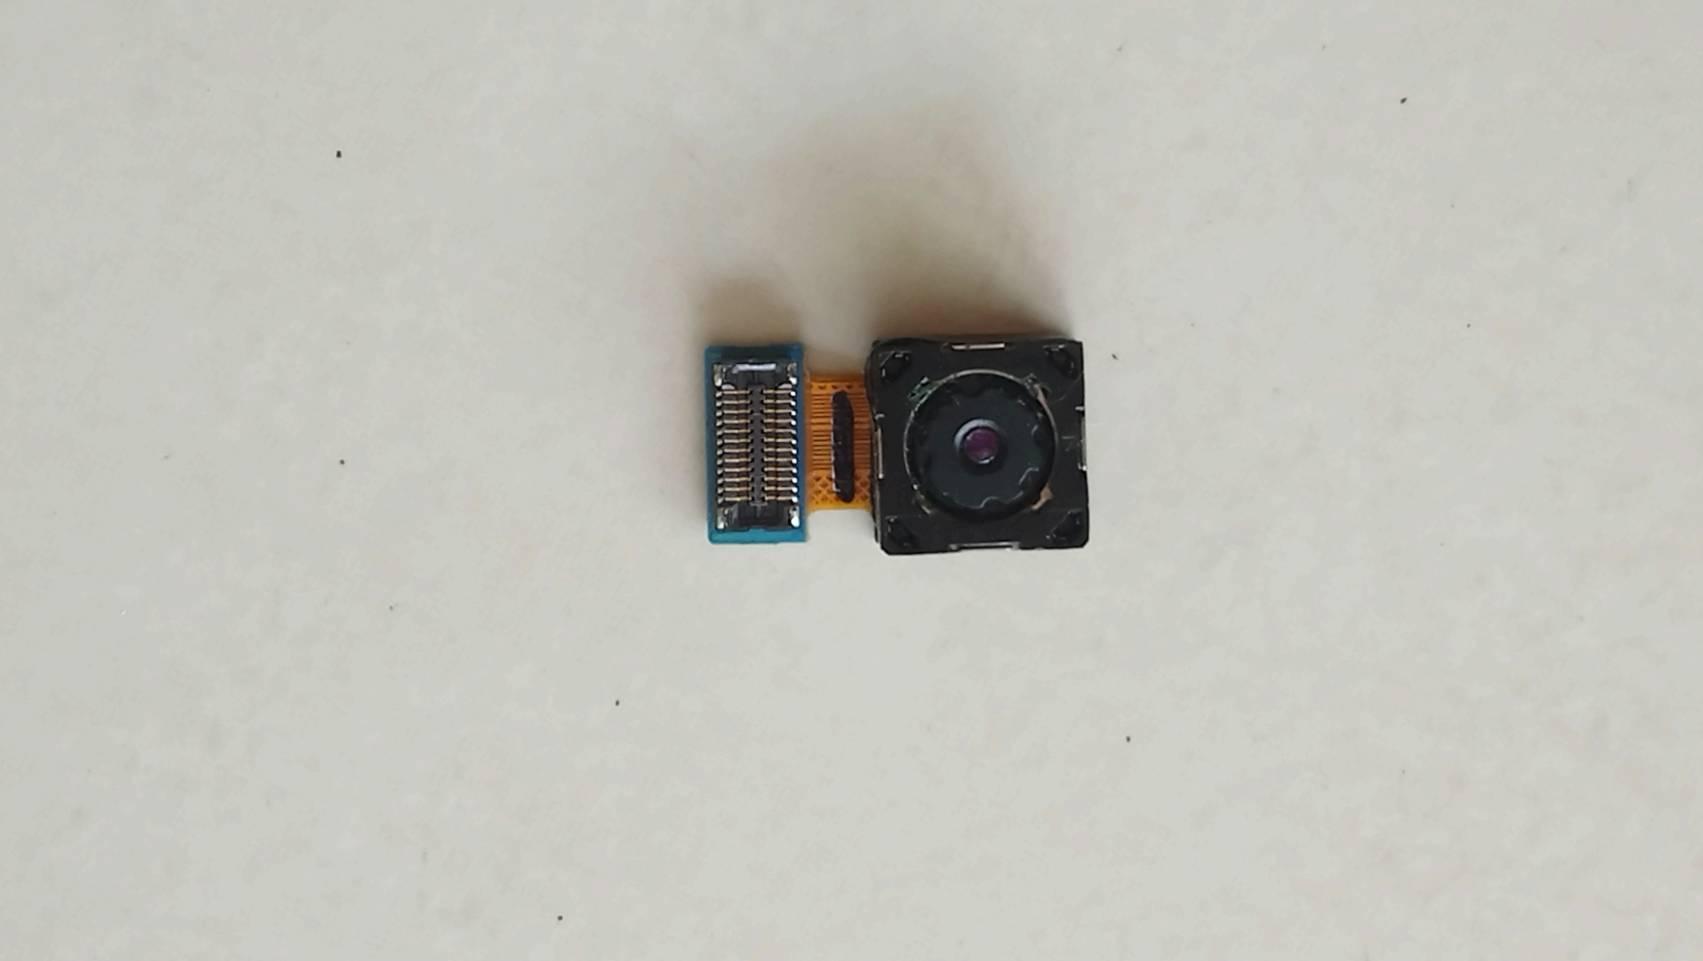 กล้องหลัง SAMSUNG galaxy win i8552 มือสอง